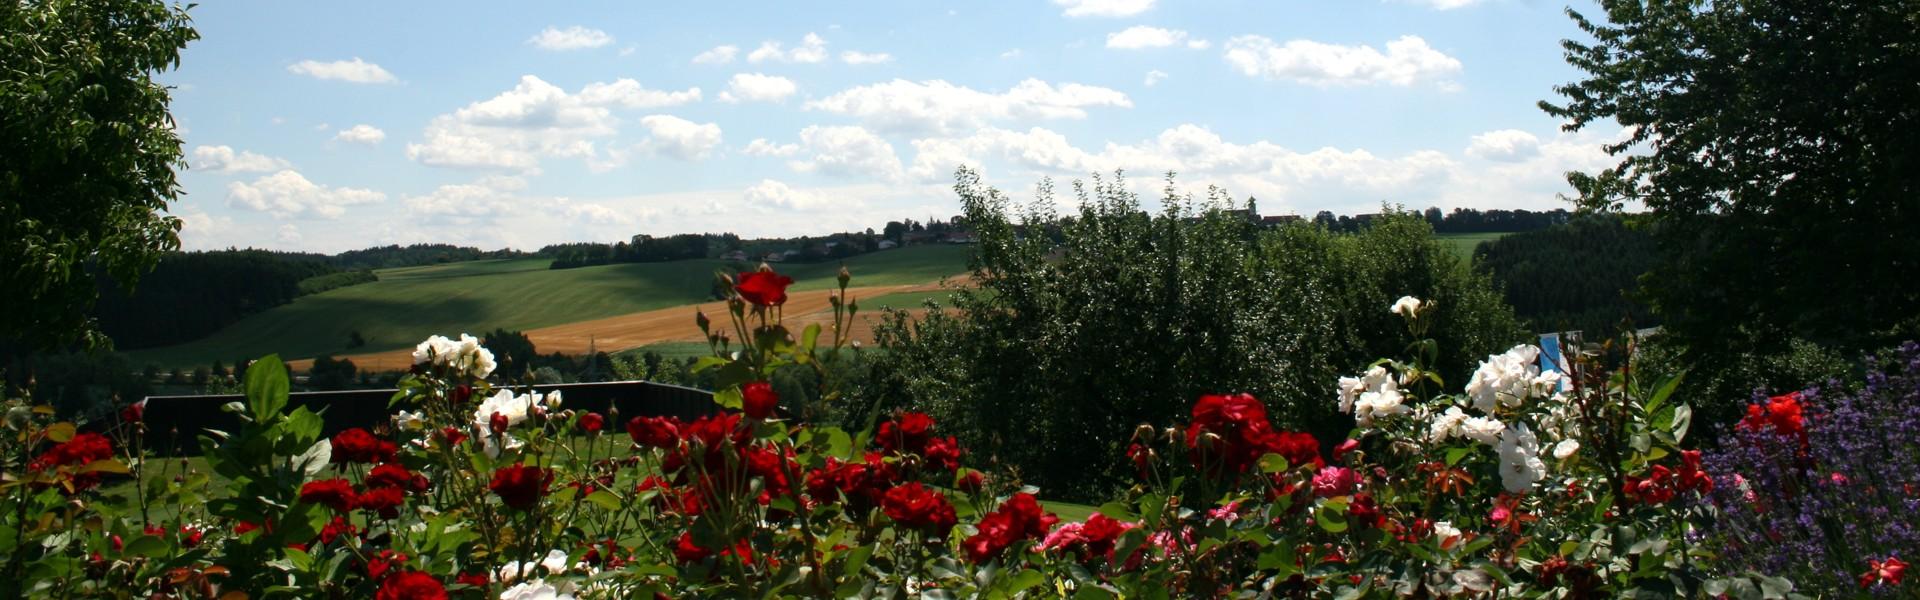 Putting-Grün mit Rosen